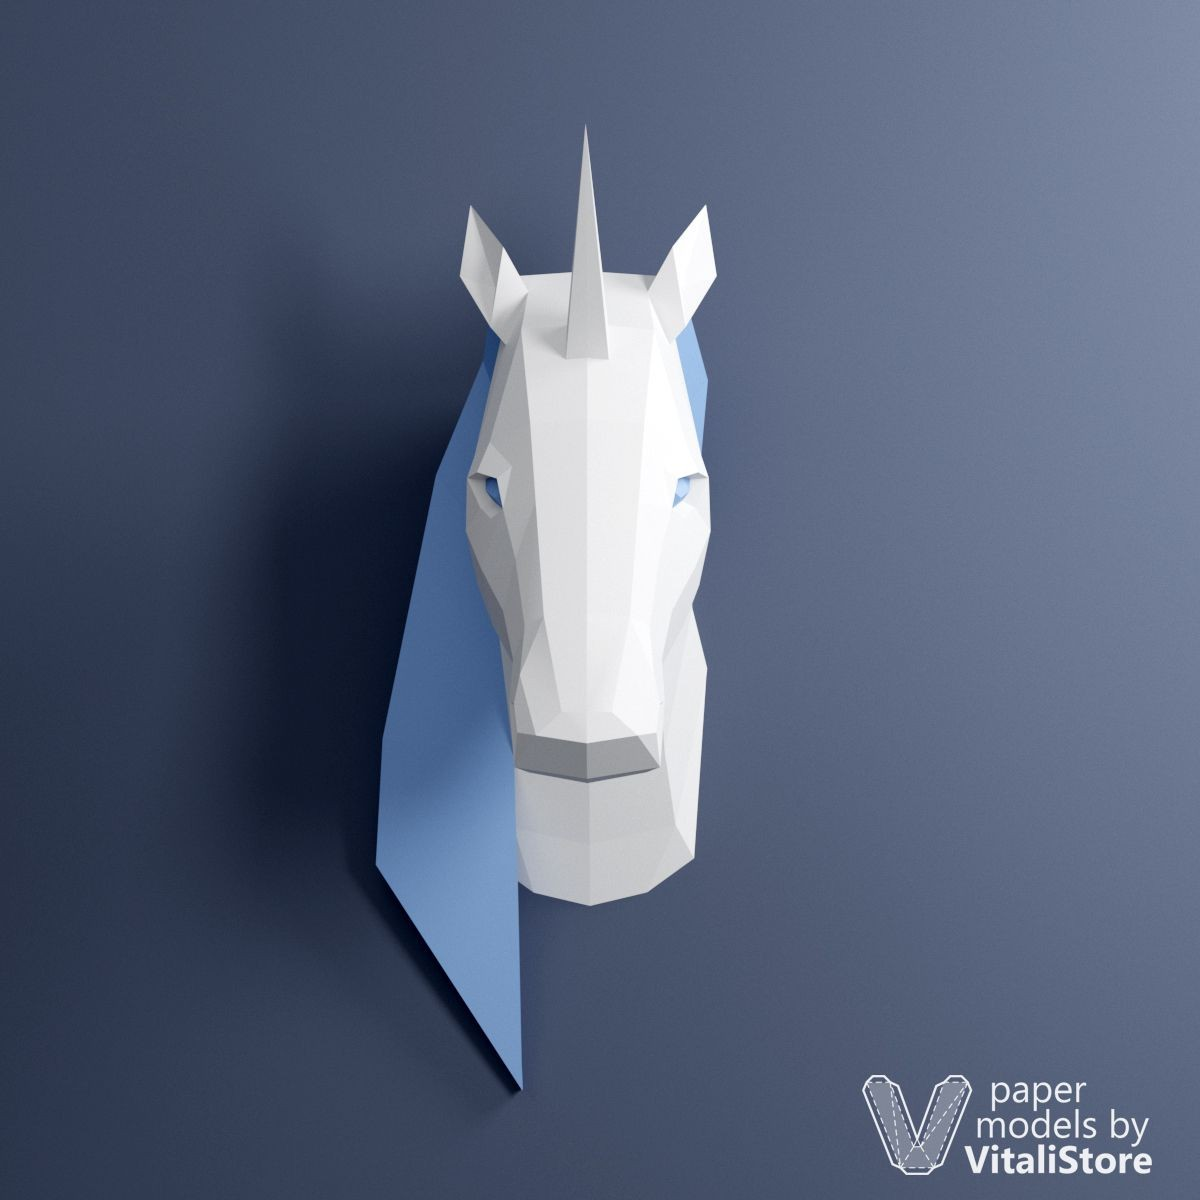 Papercraft Paper Unicorn Papercraft 3d Paper Sculpture Wall Decor